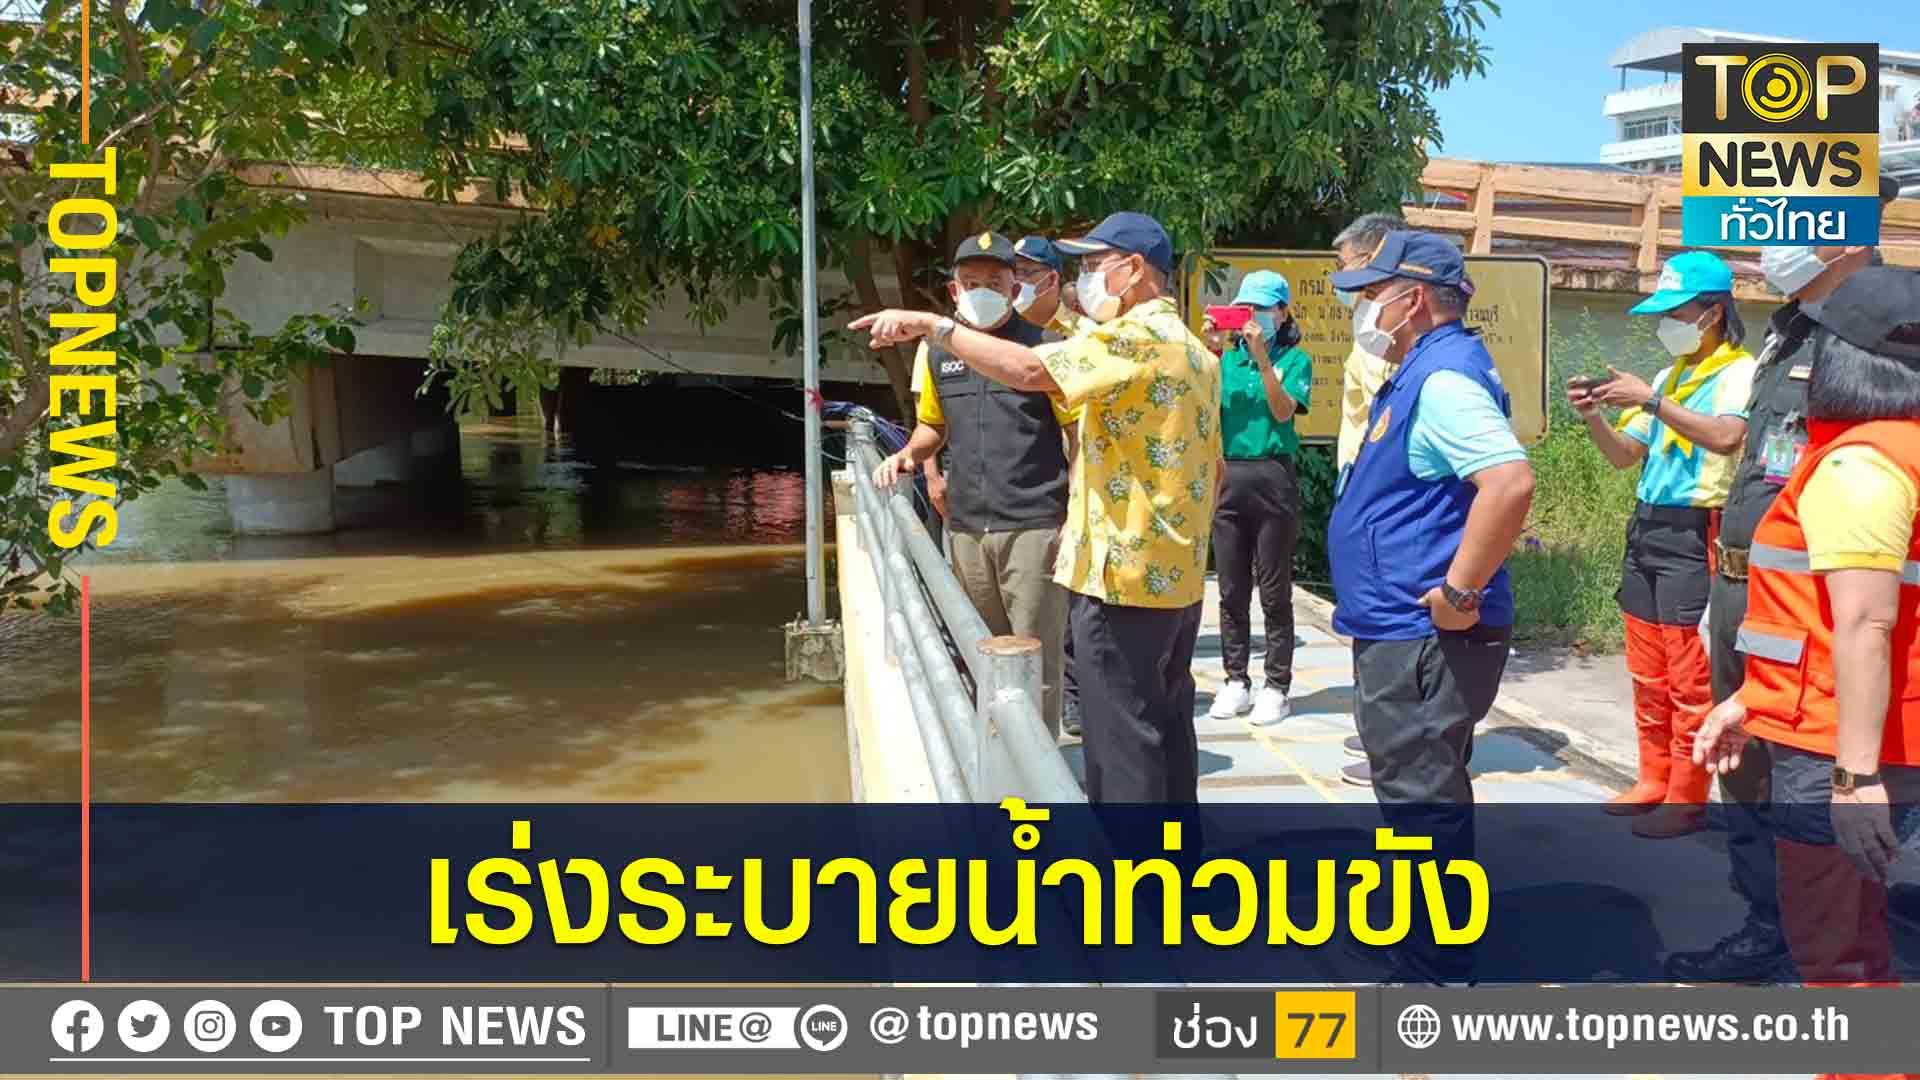 เทศบาลเมืองปราจีนบุรีเร่งระบายน้ำขณะที่กู้ภัยฯขนย้ายโลงหนีน้ำ (มีคลิป)